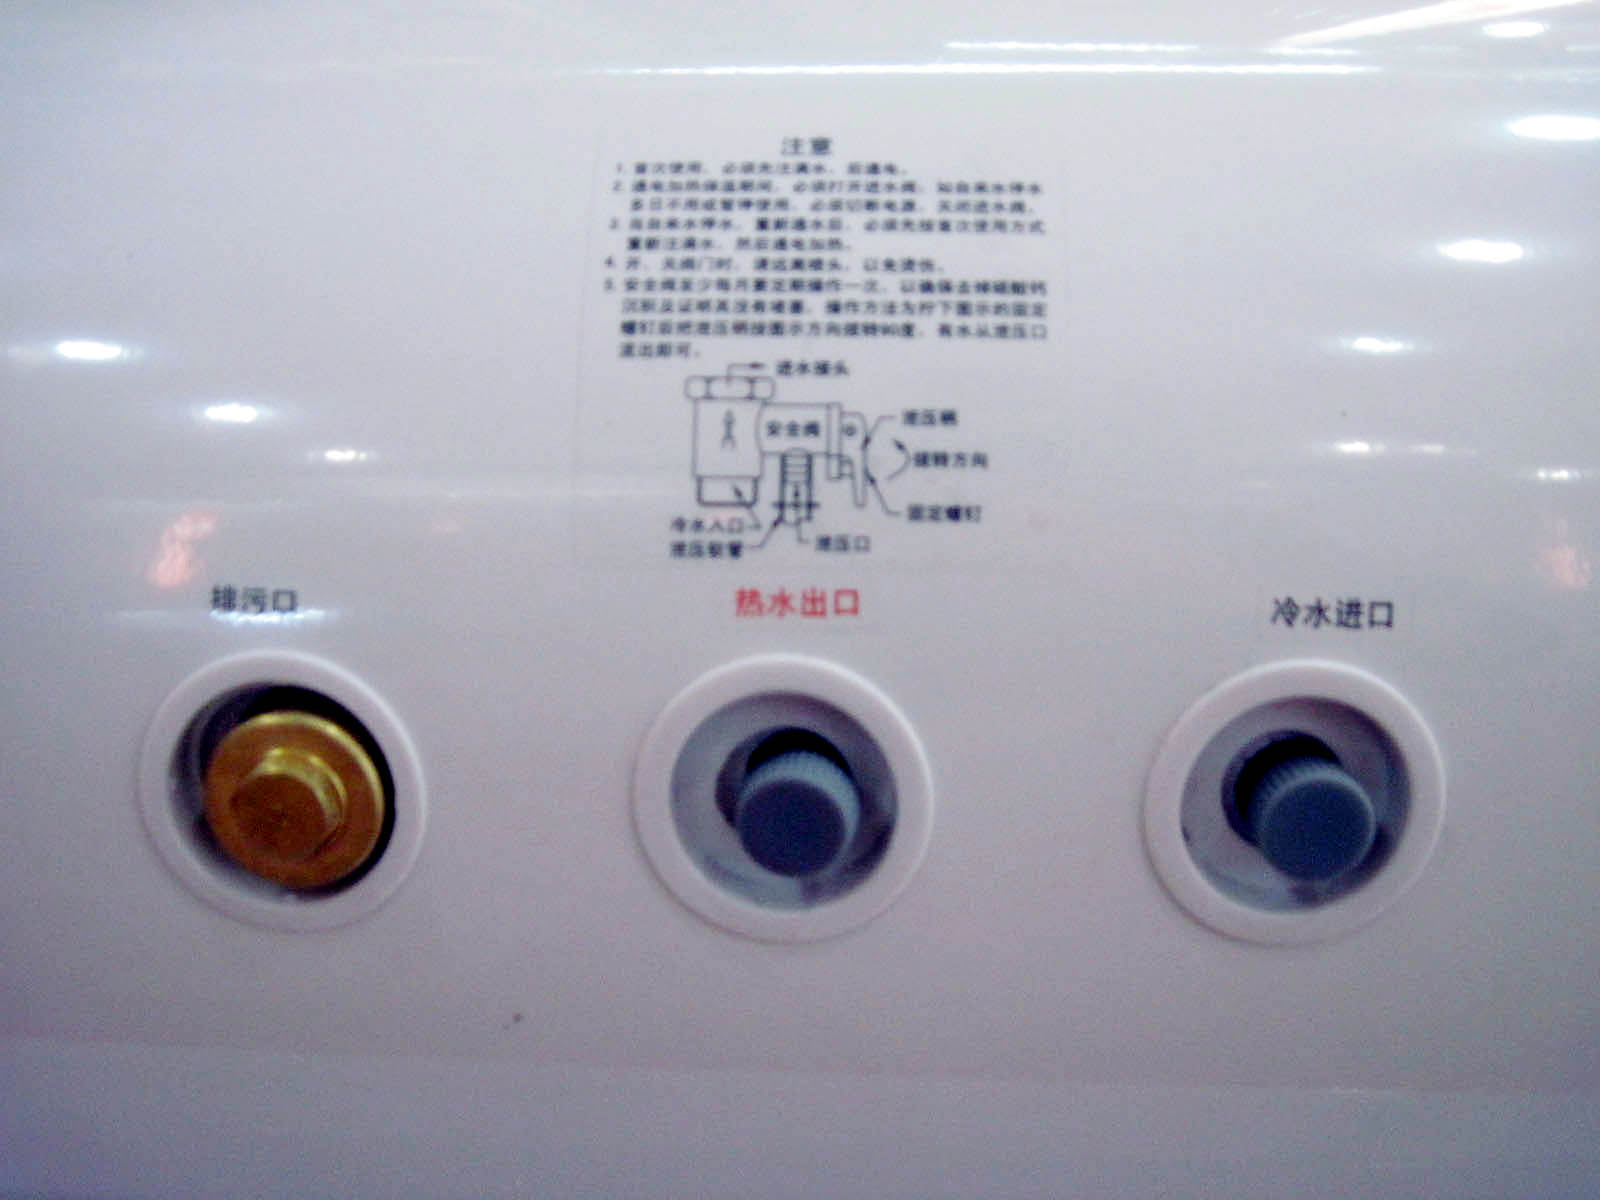 万和 DSCF60-T4 主要参数 安装方式: 挂式 产品容量: 60 水温调节: 35-75 额定压力: 0.7 产品功率: 1500 防漏电装置: 三极断开保护 产品重量: 24 外形尺寸: 380*845 其他特点: 万和潜心研制的集束发热管,针对中国水质,用电环境及家庭频繁使用等情况,内外兼修,强化加热万和特质全预混装置,使冷水有序进入,并与中间部位的热水器全面预混,强制换热集合万和电热水器的5大性能:超强内胆,保用5年;特护隔热棉;超长阳极棒;超厚保温聚能发泡层等超温保护,防干烧保护,强弱电分离